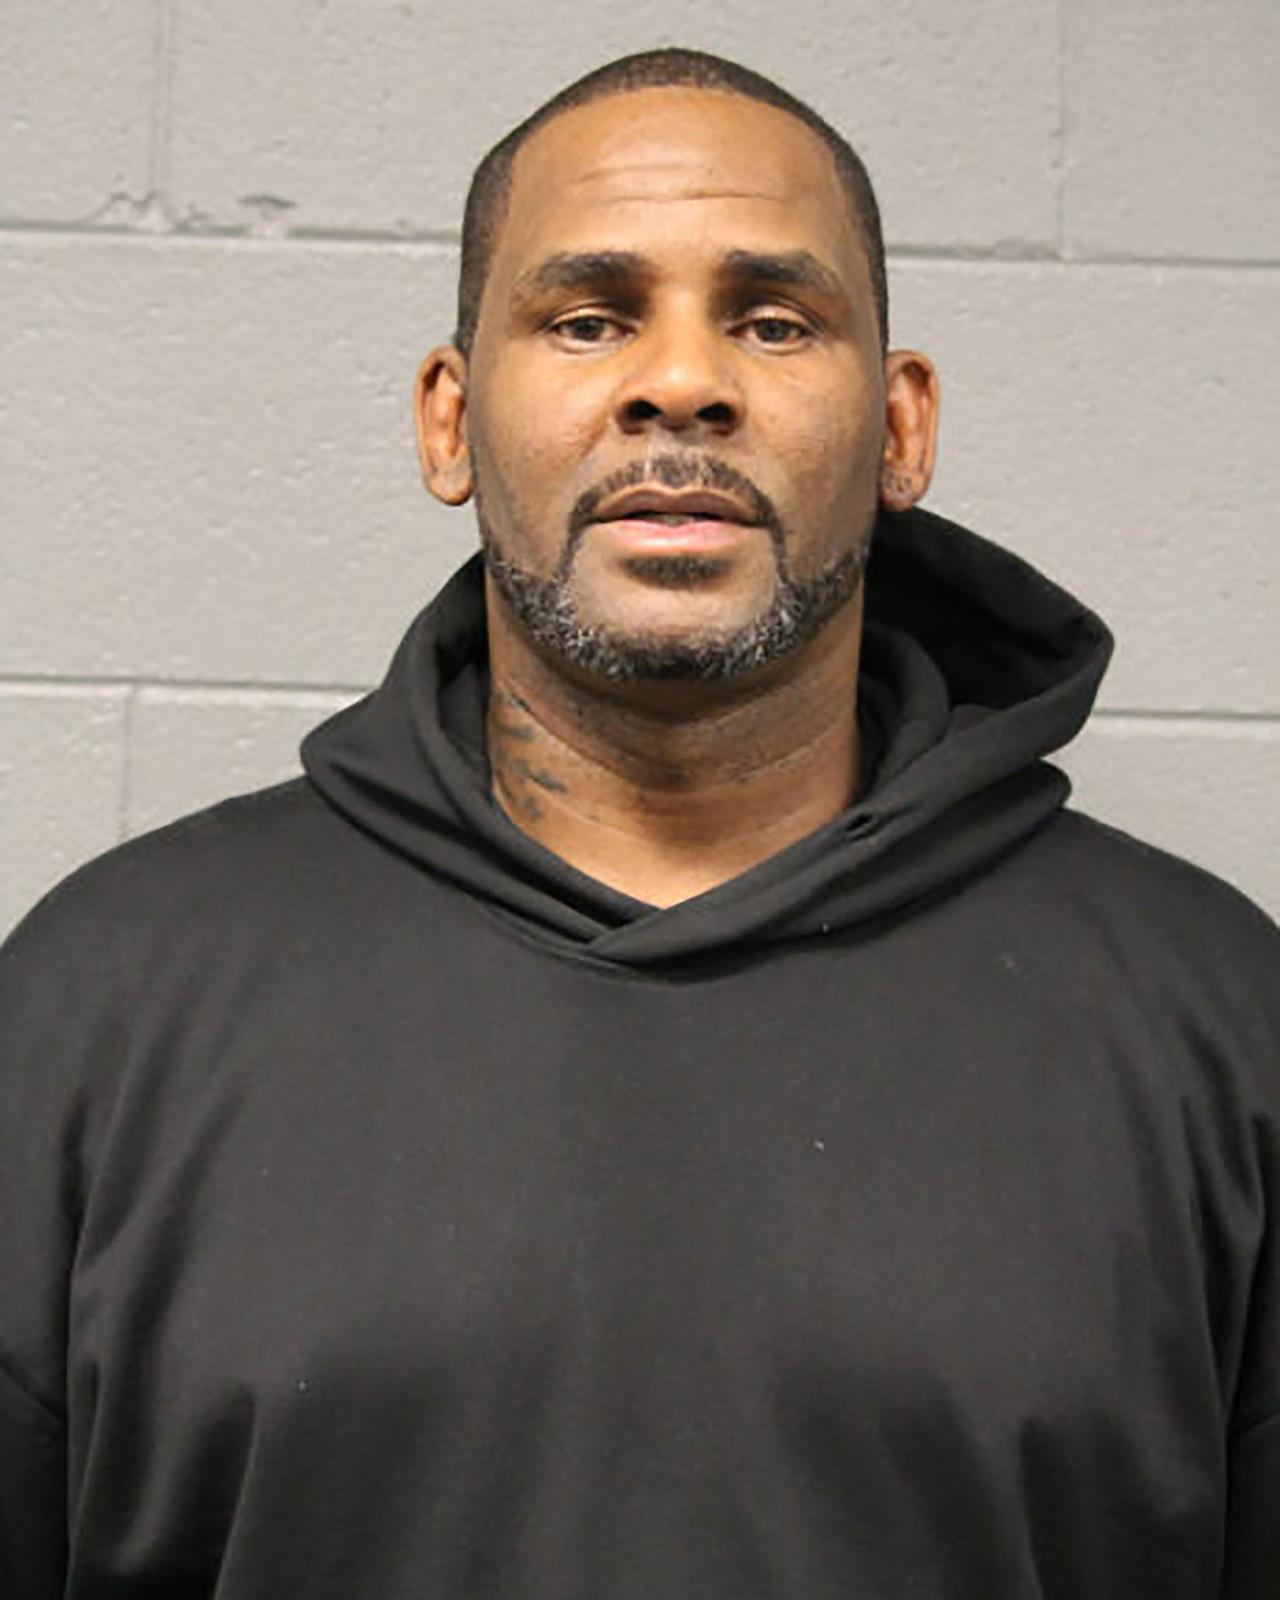 画像: 逮捕時に撮影されたケリーのマグショット。